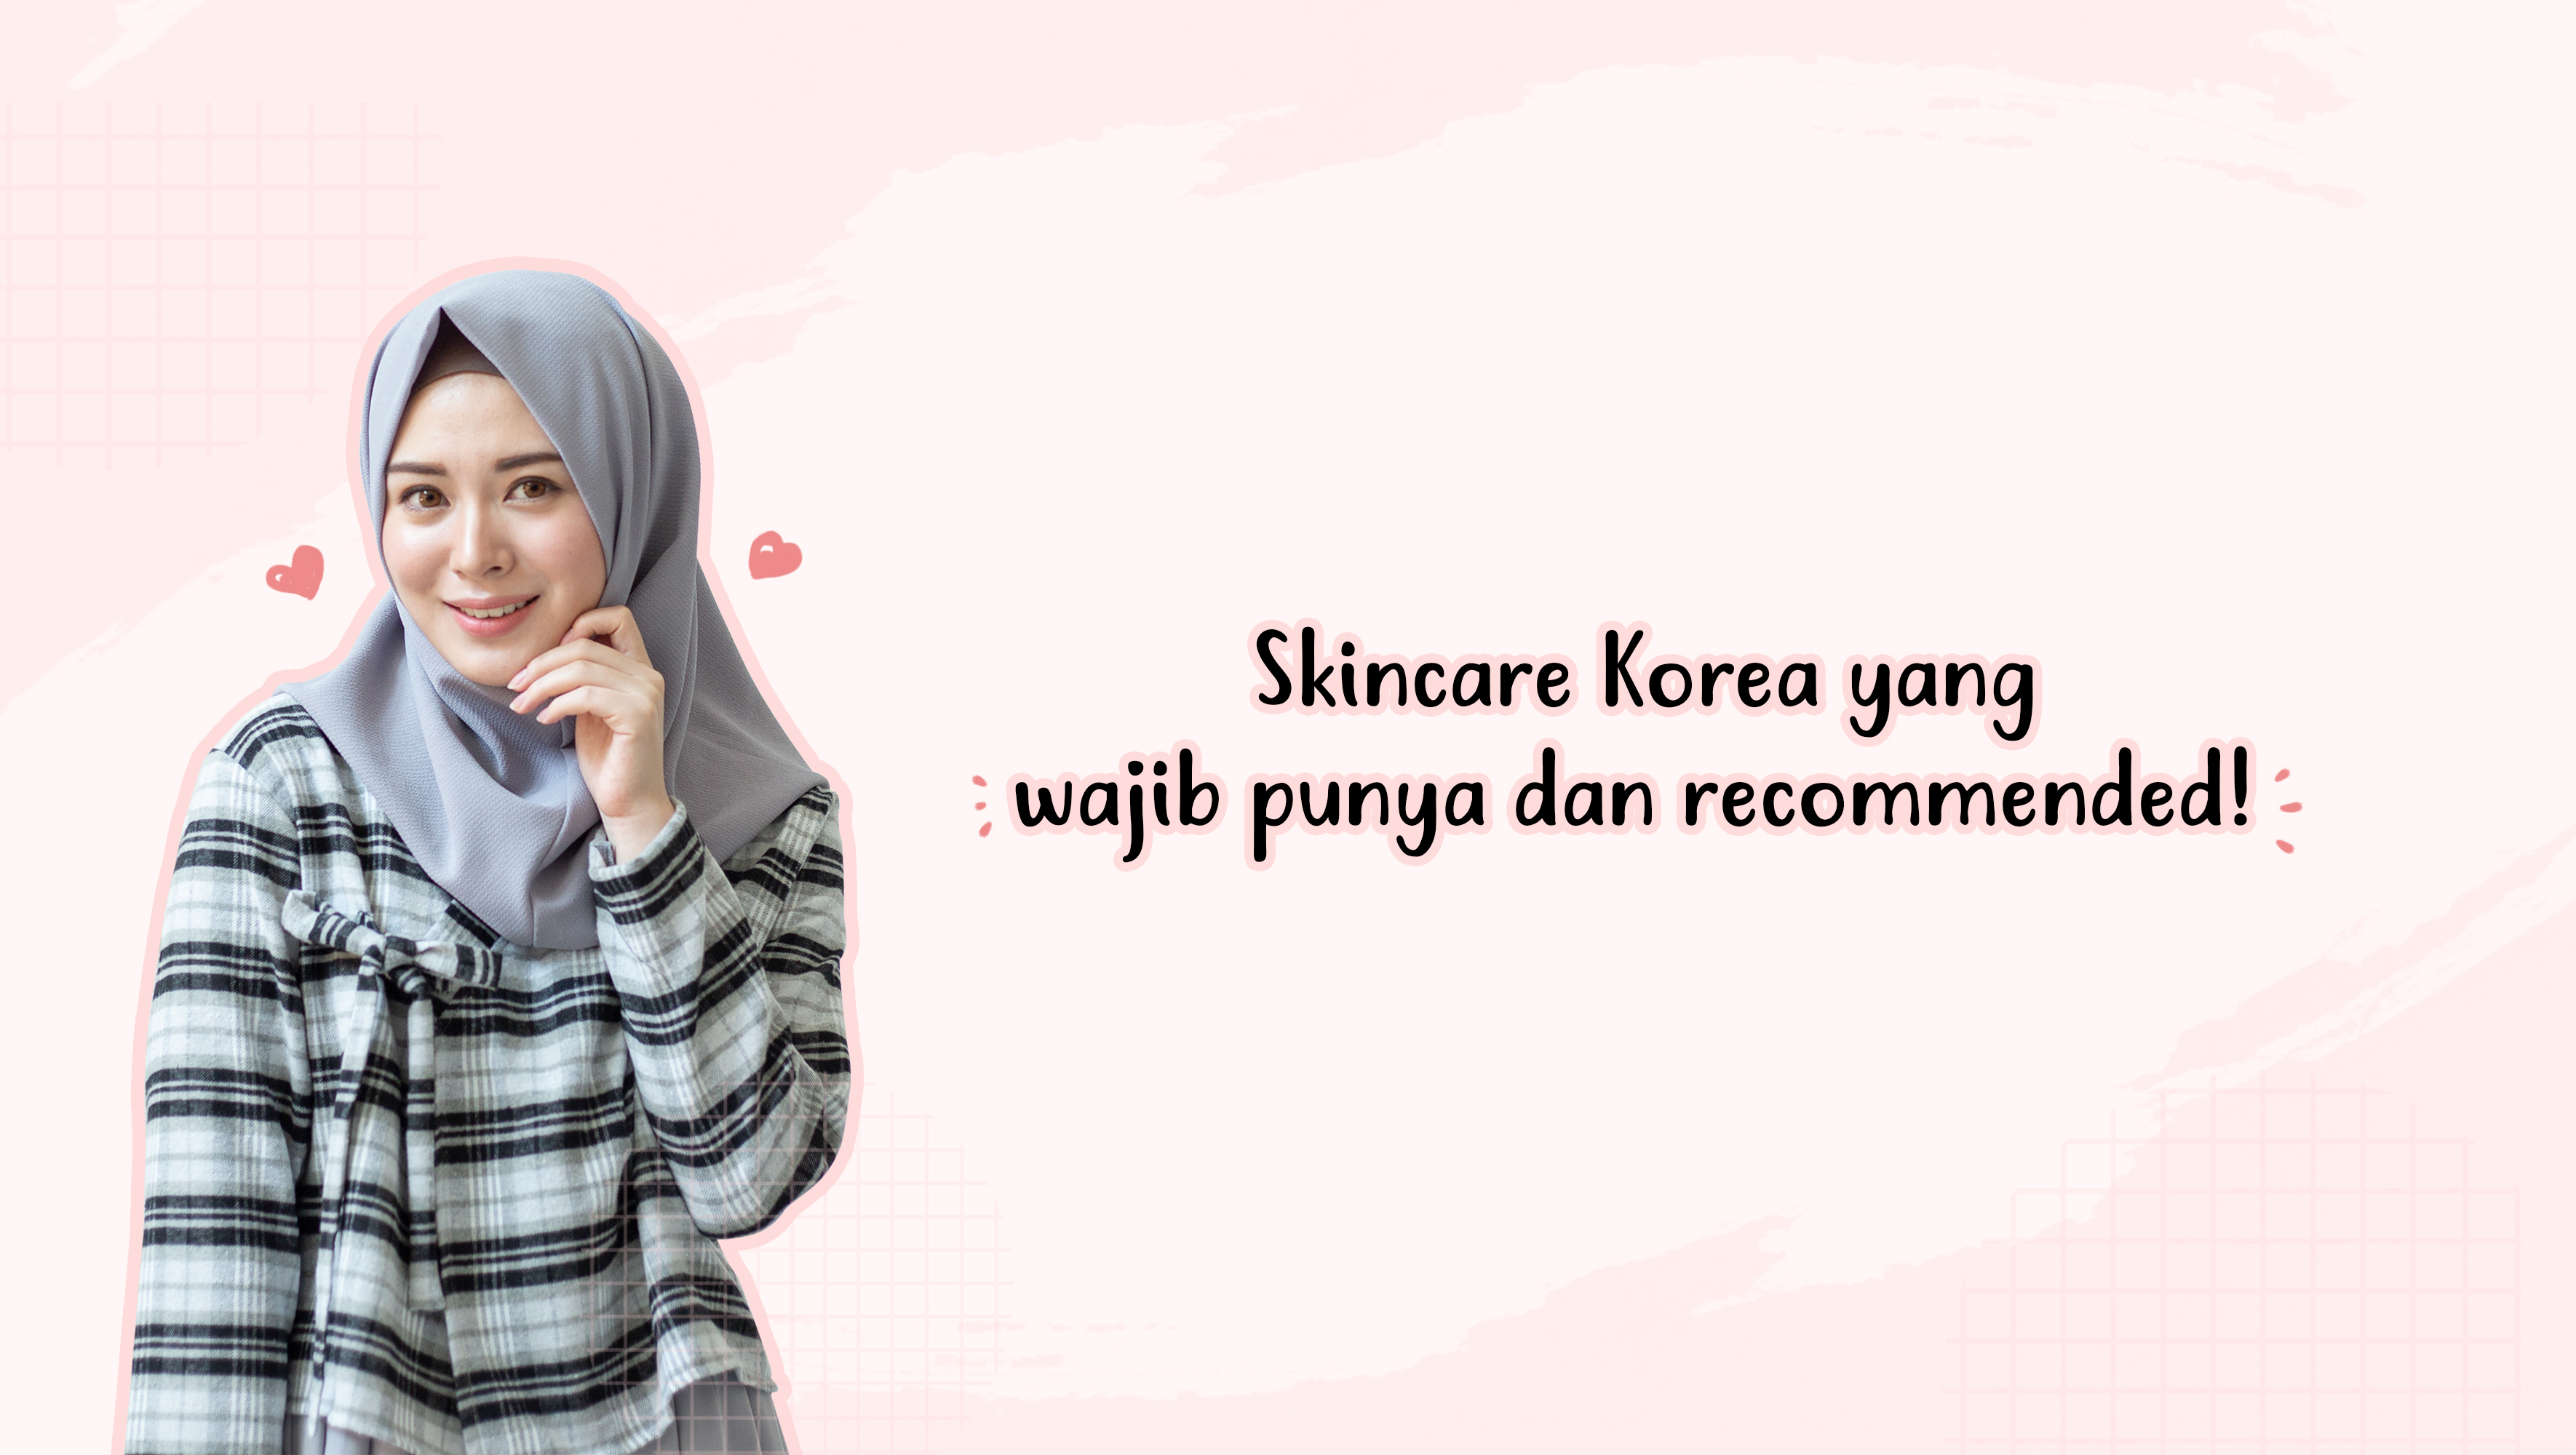 Skincare Korea yang wajib punya dan Recommended! image